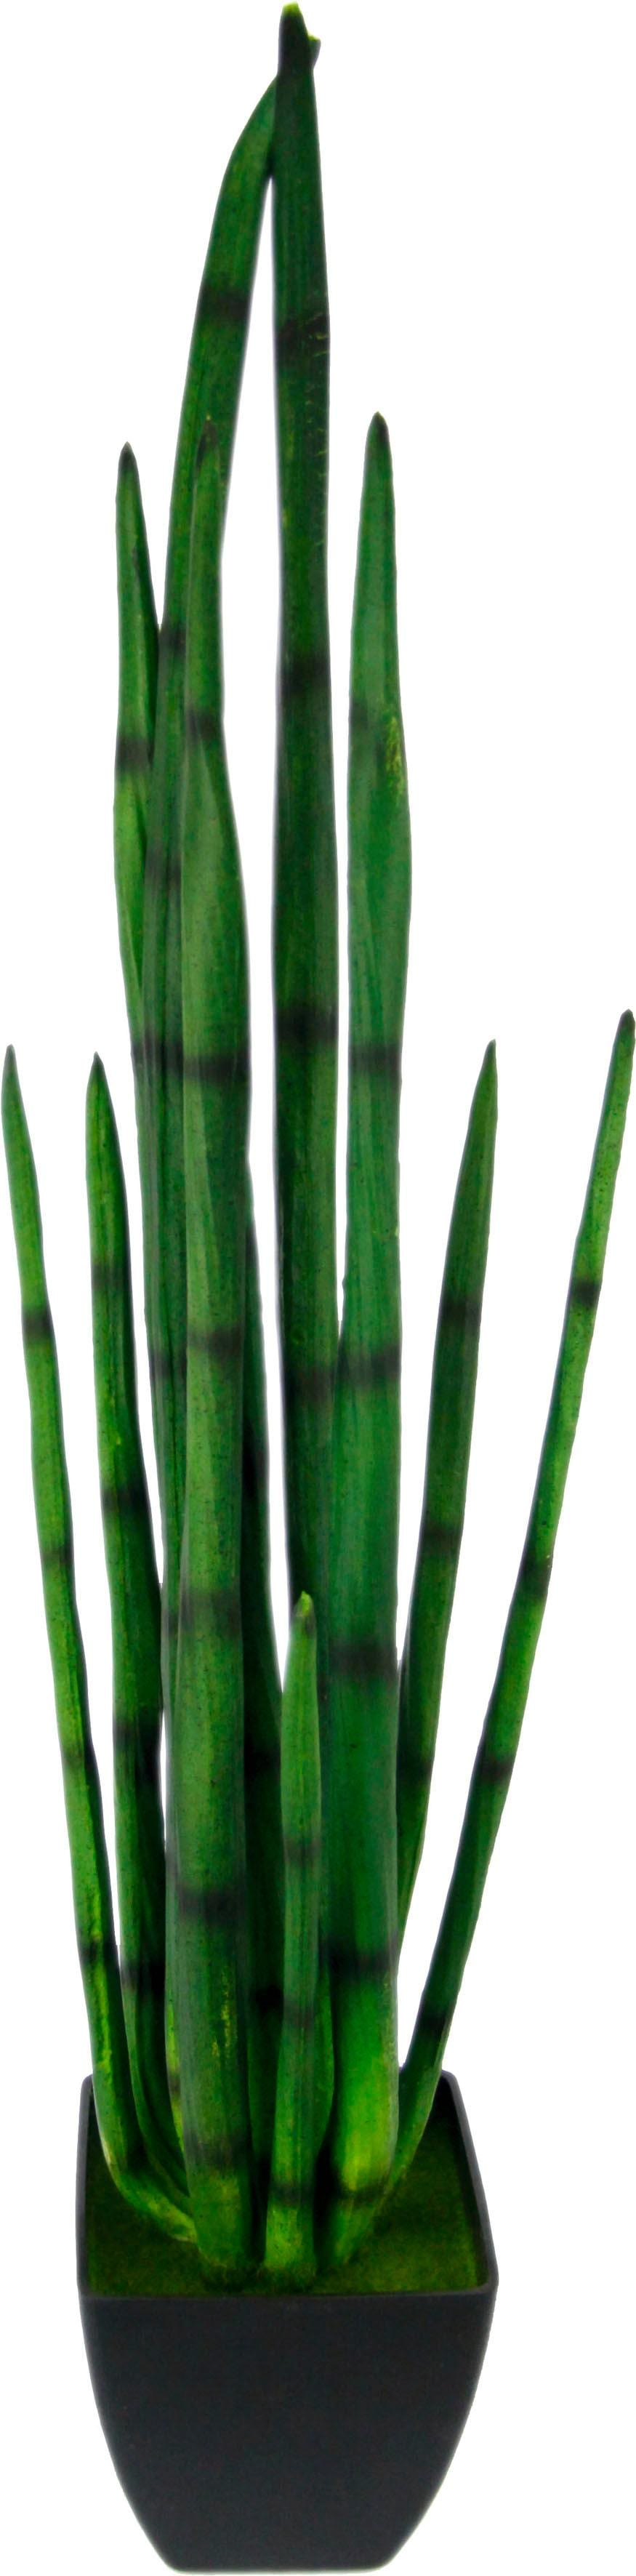 I.GE.A. Kunstpflanze Aloe im Topf grün Künstliche Zimmerpflanzen Kunstpflanzen Wohnaccessoires